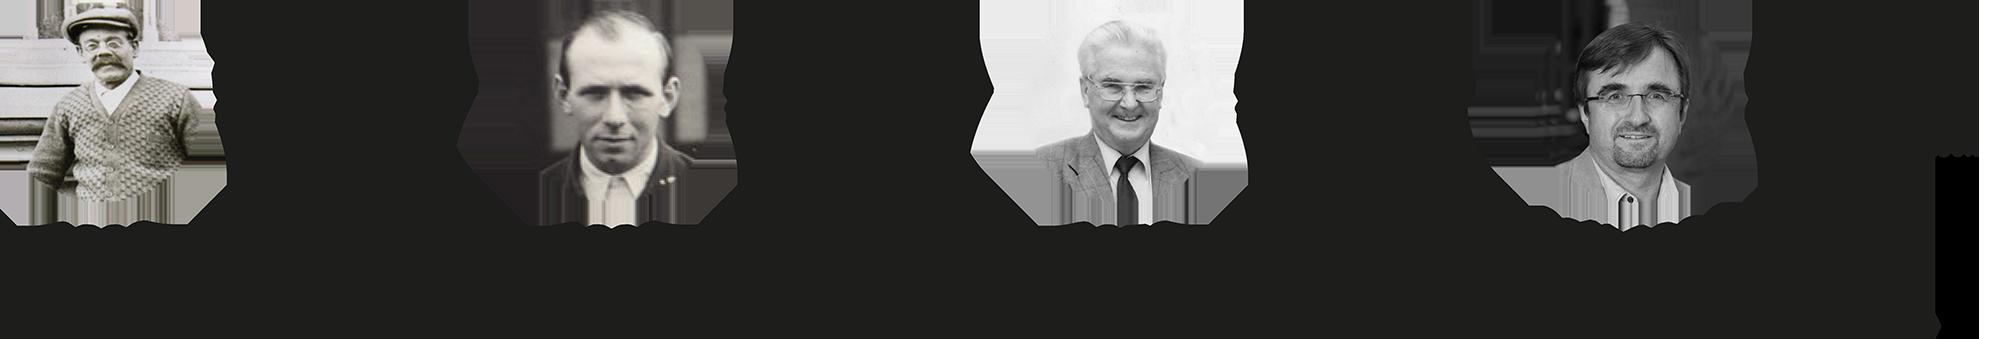 Geschichte_Geschäftsführer_Tischlerei Kotrasch